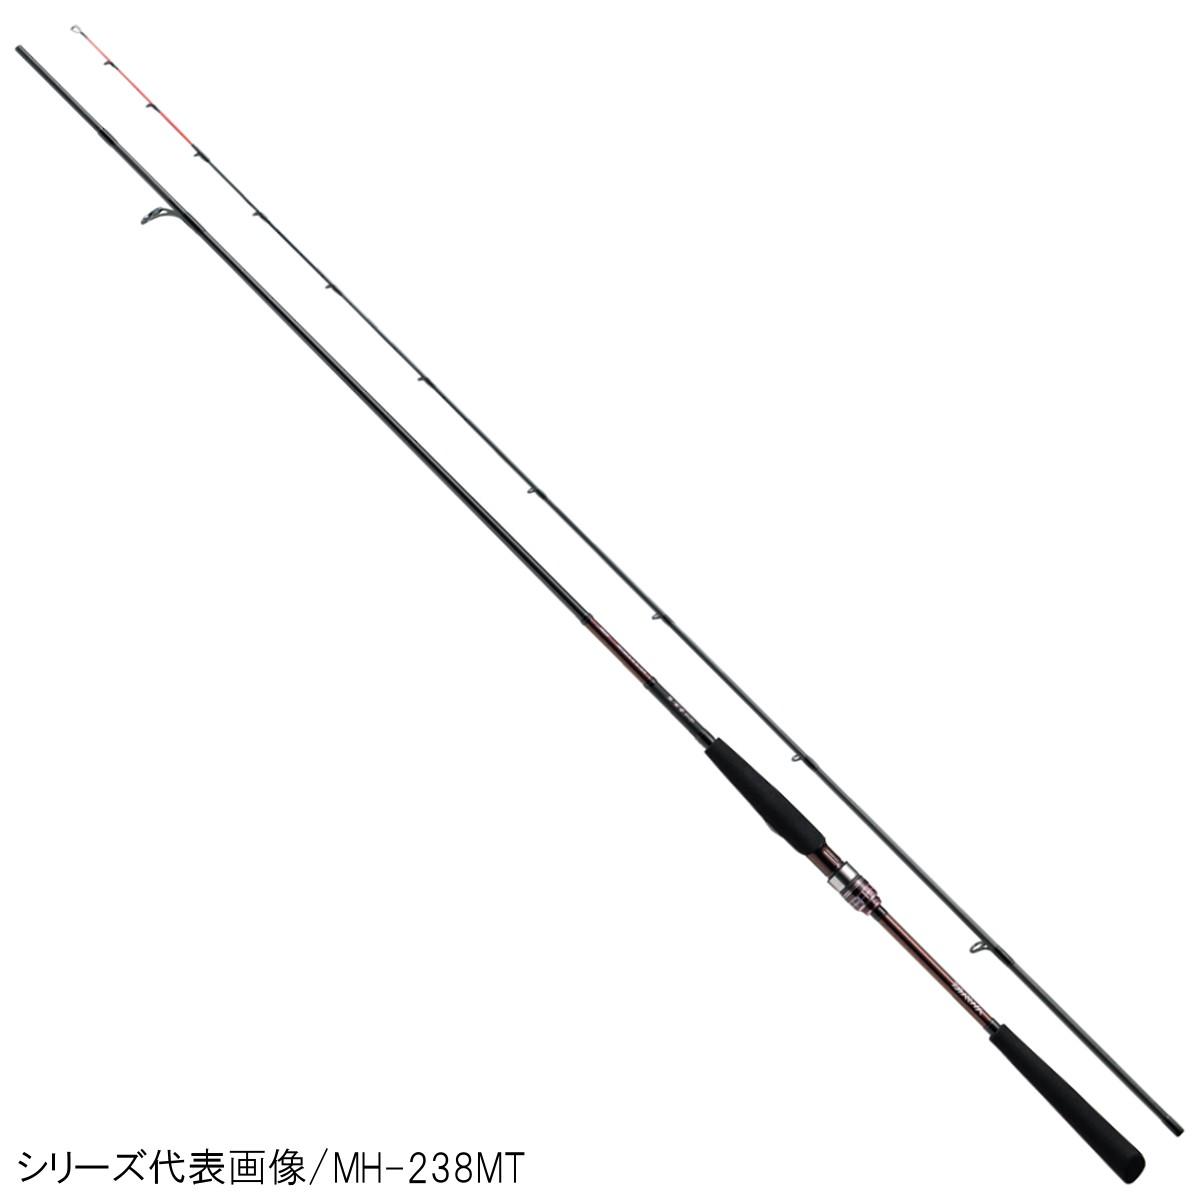 ダイワ 紅牙 テンヤゲーム エア AGS H-235MT(東日本店)